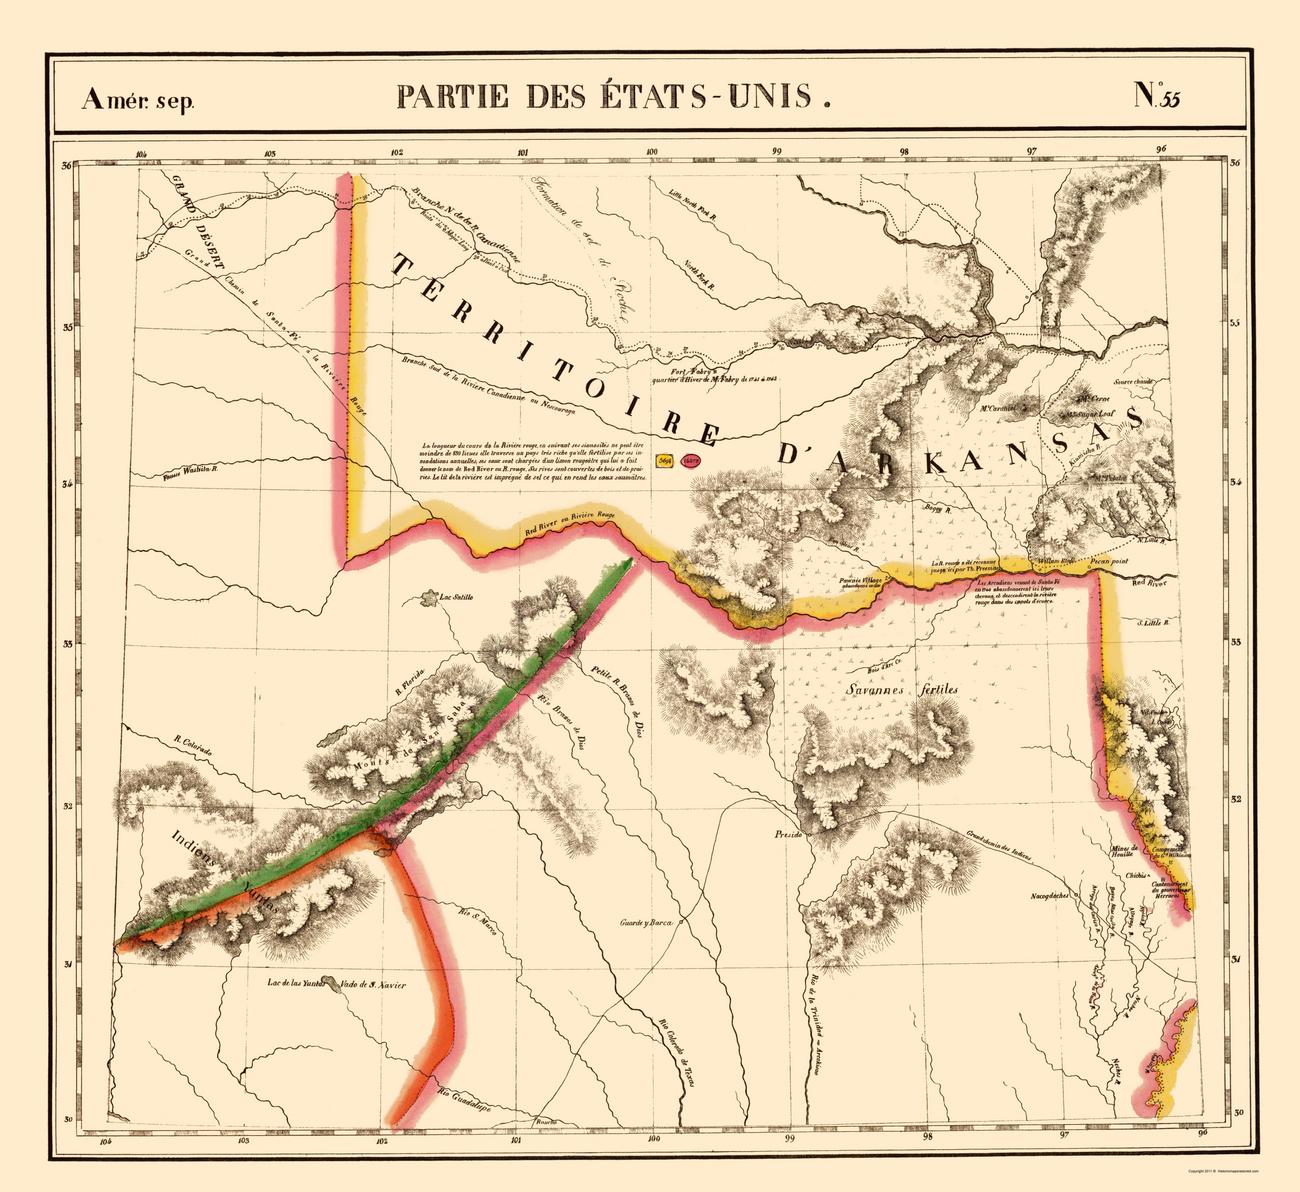 Old State Maps  TEXAS AND ARKANSAS TERRITORY TXAROK